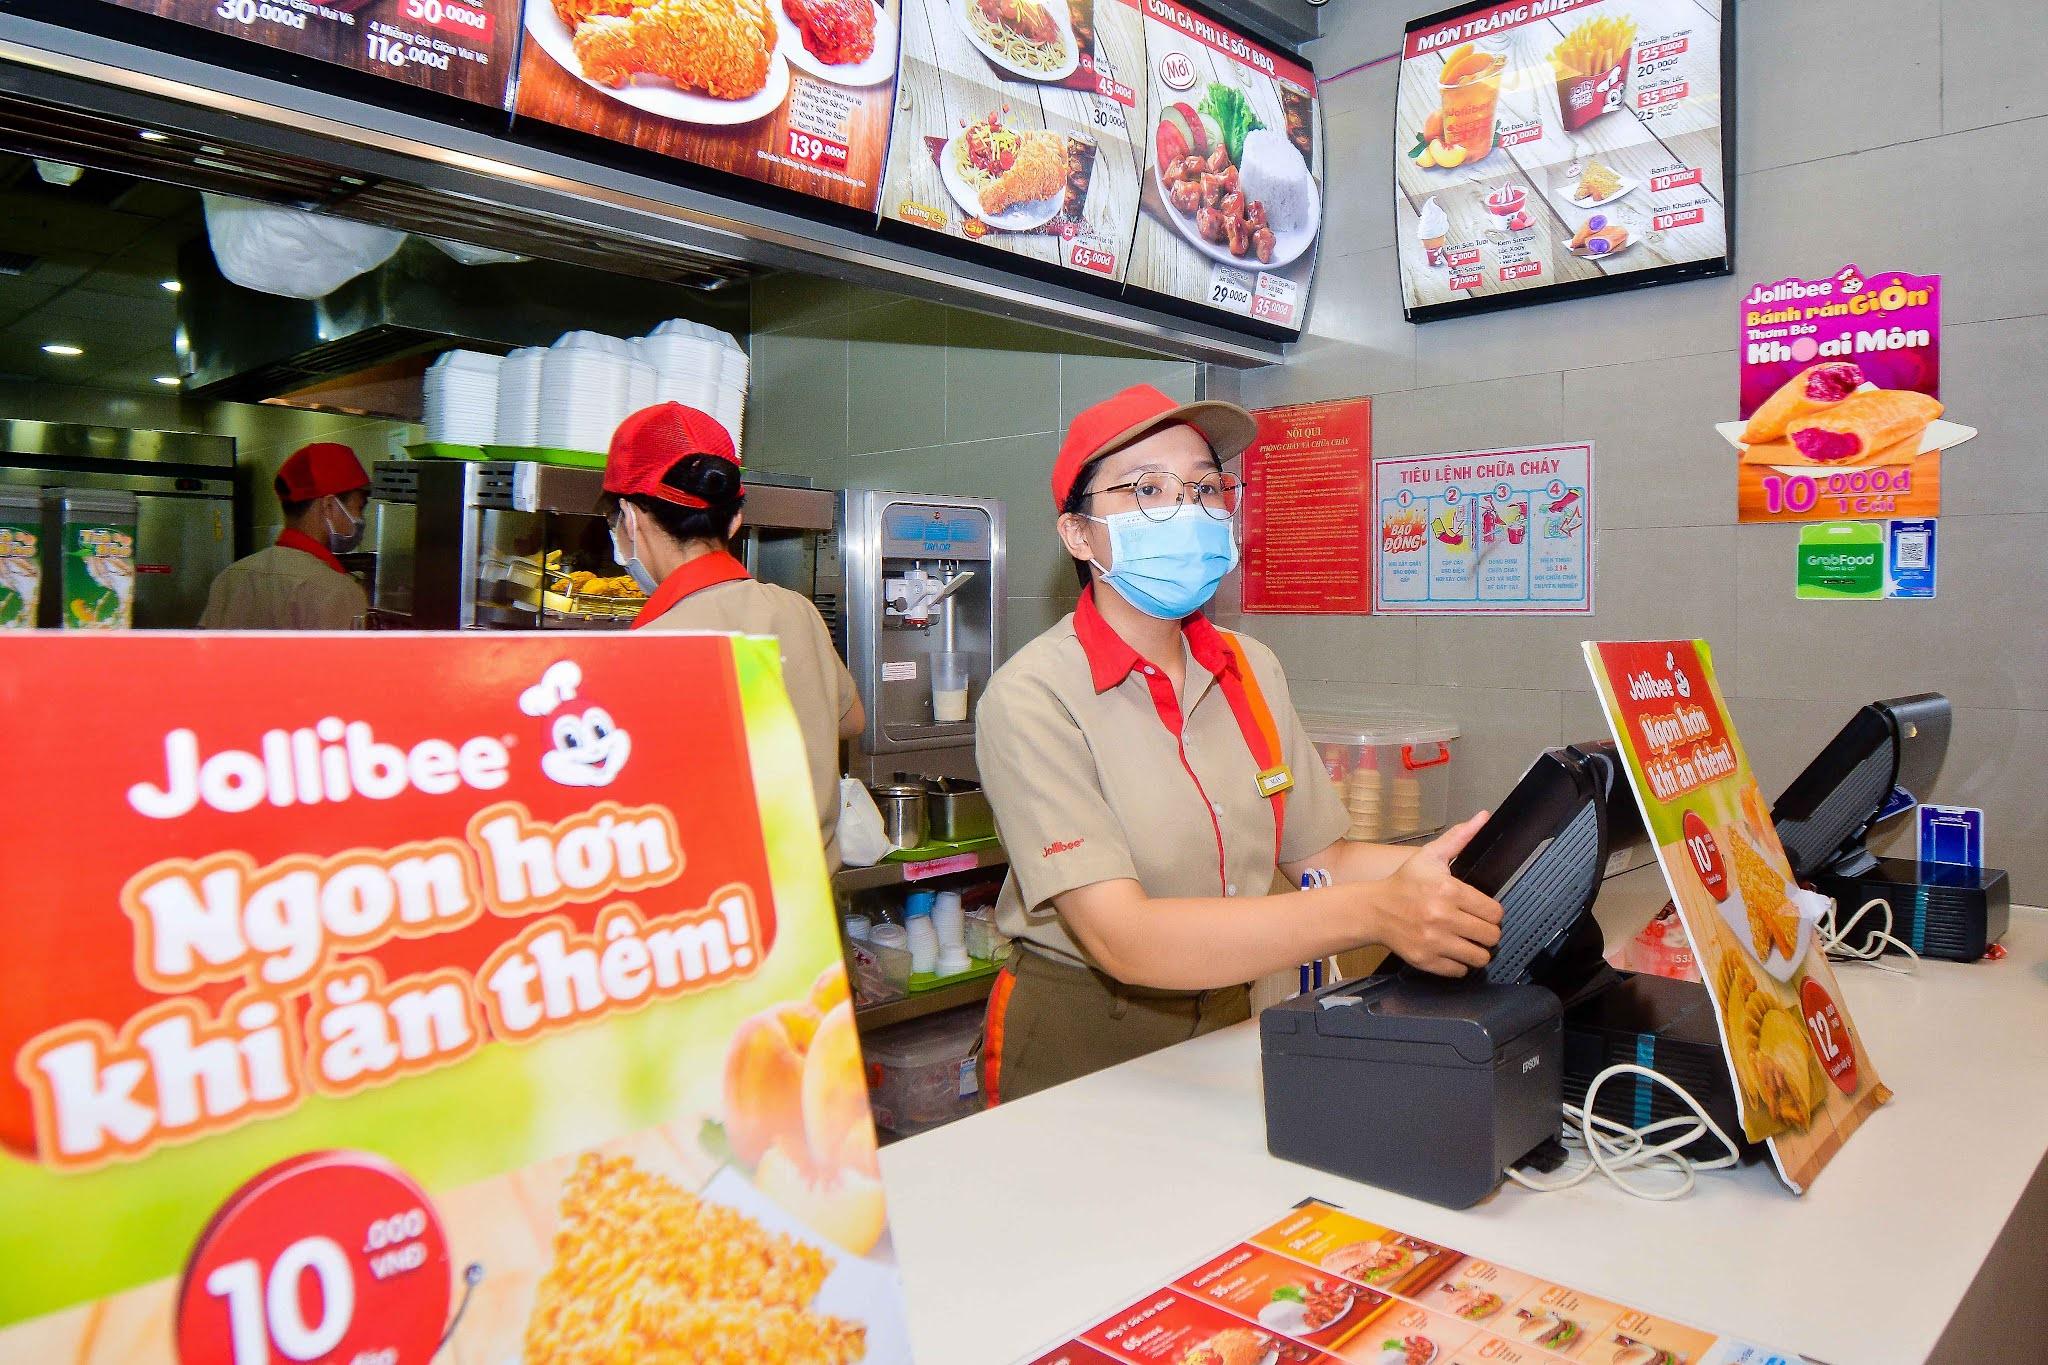 Jollibee Đà Nẵng - Hệ thống cơ sở kinh doanh dịch vụ thiết yếu tại Đà Nẵng